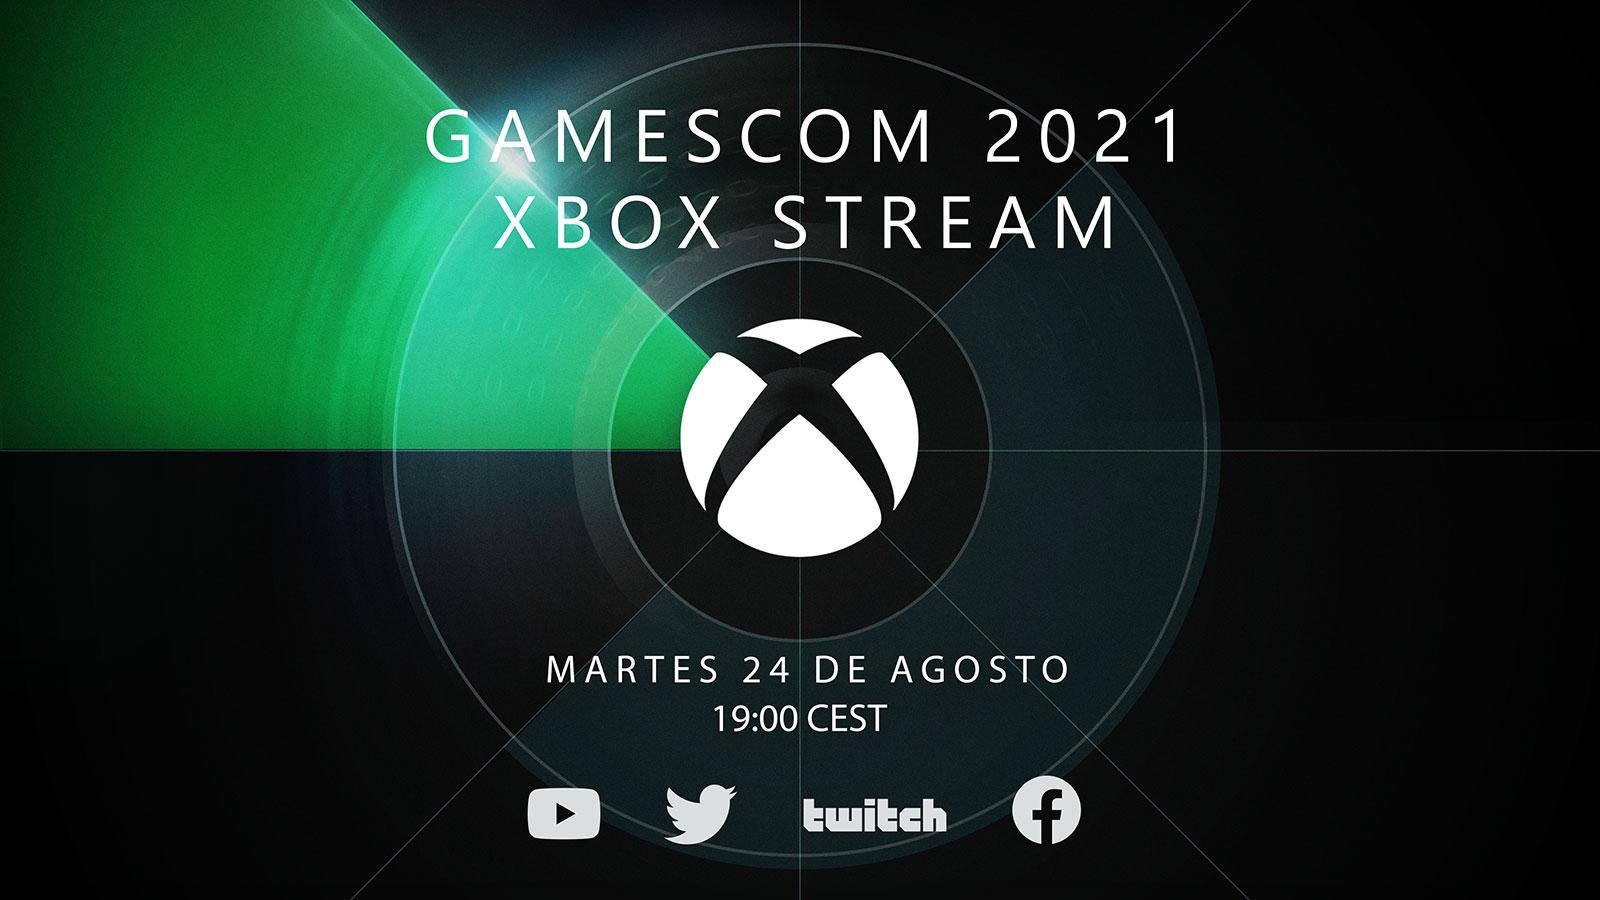 """Una imagen que pone: """"Gamescom 2021 Xbox Stream - Martes 24 de Agosto a las 19:00 CEST."""""""